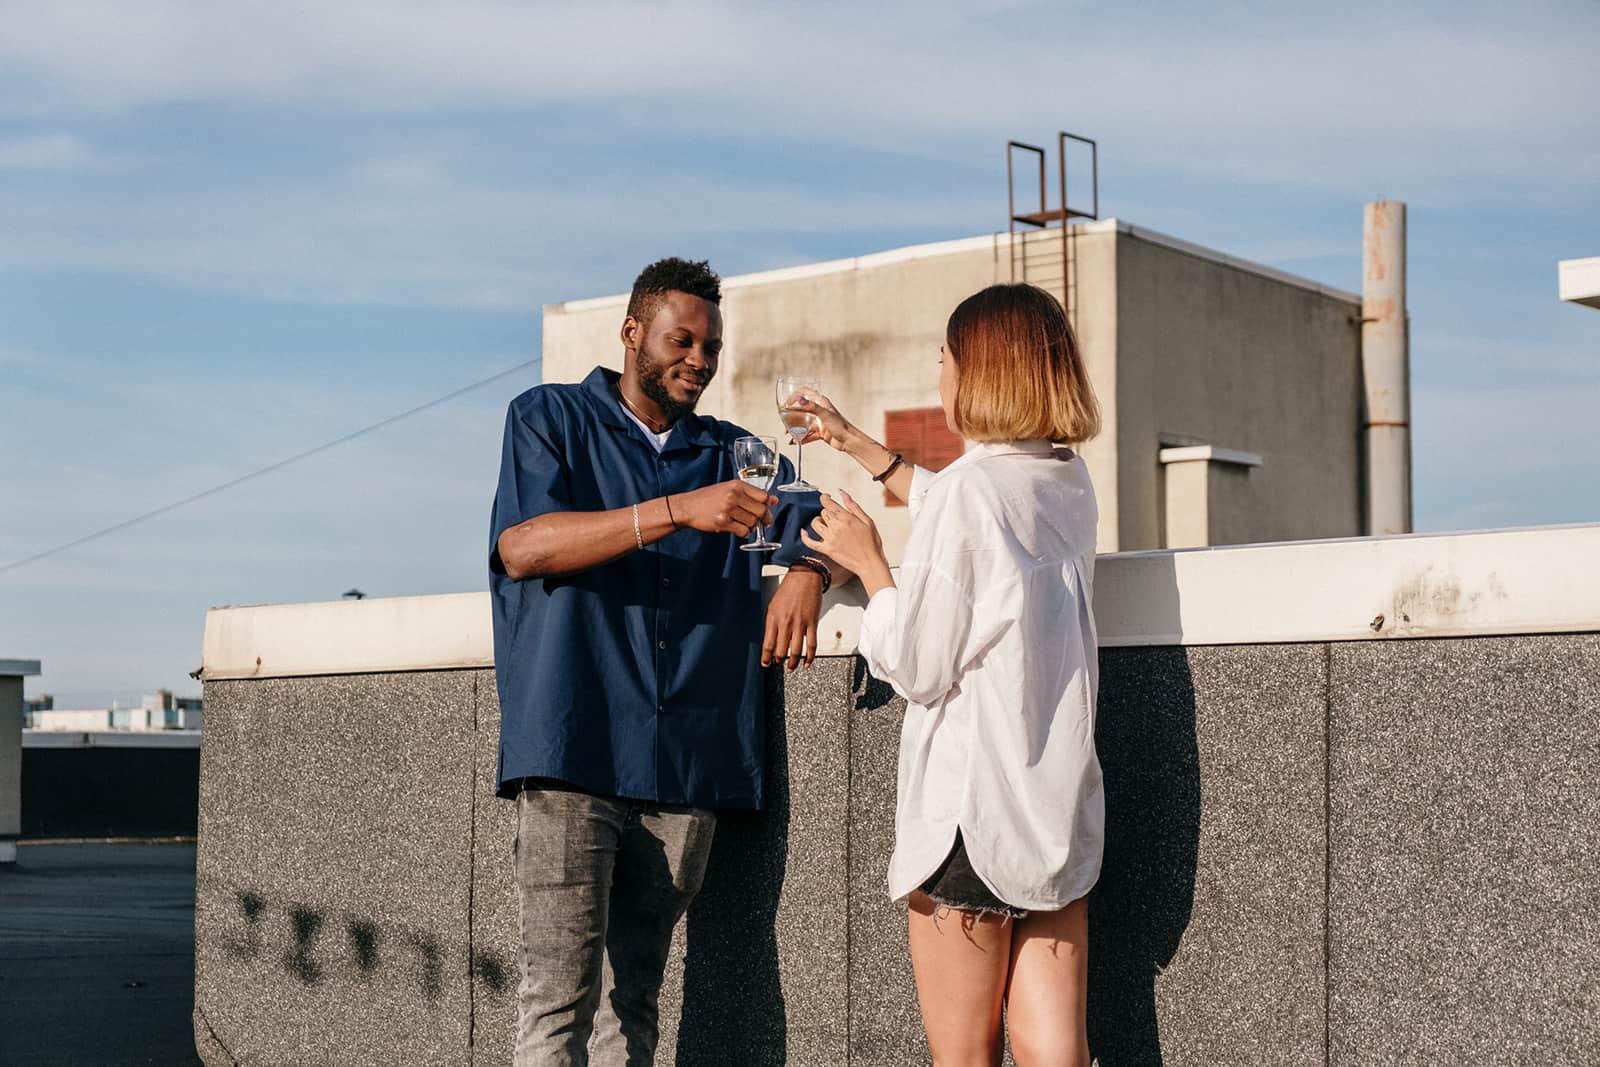 Ein Mann und eine Frau trinken während eines Dates Wein auf einem Dach